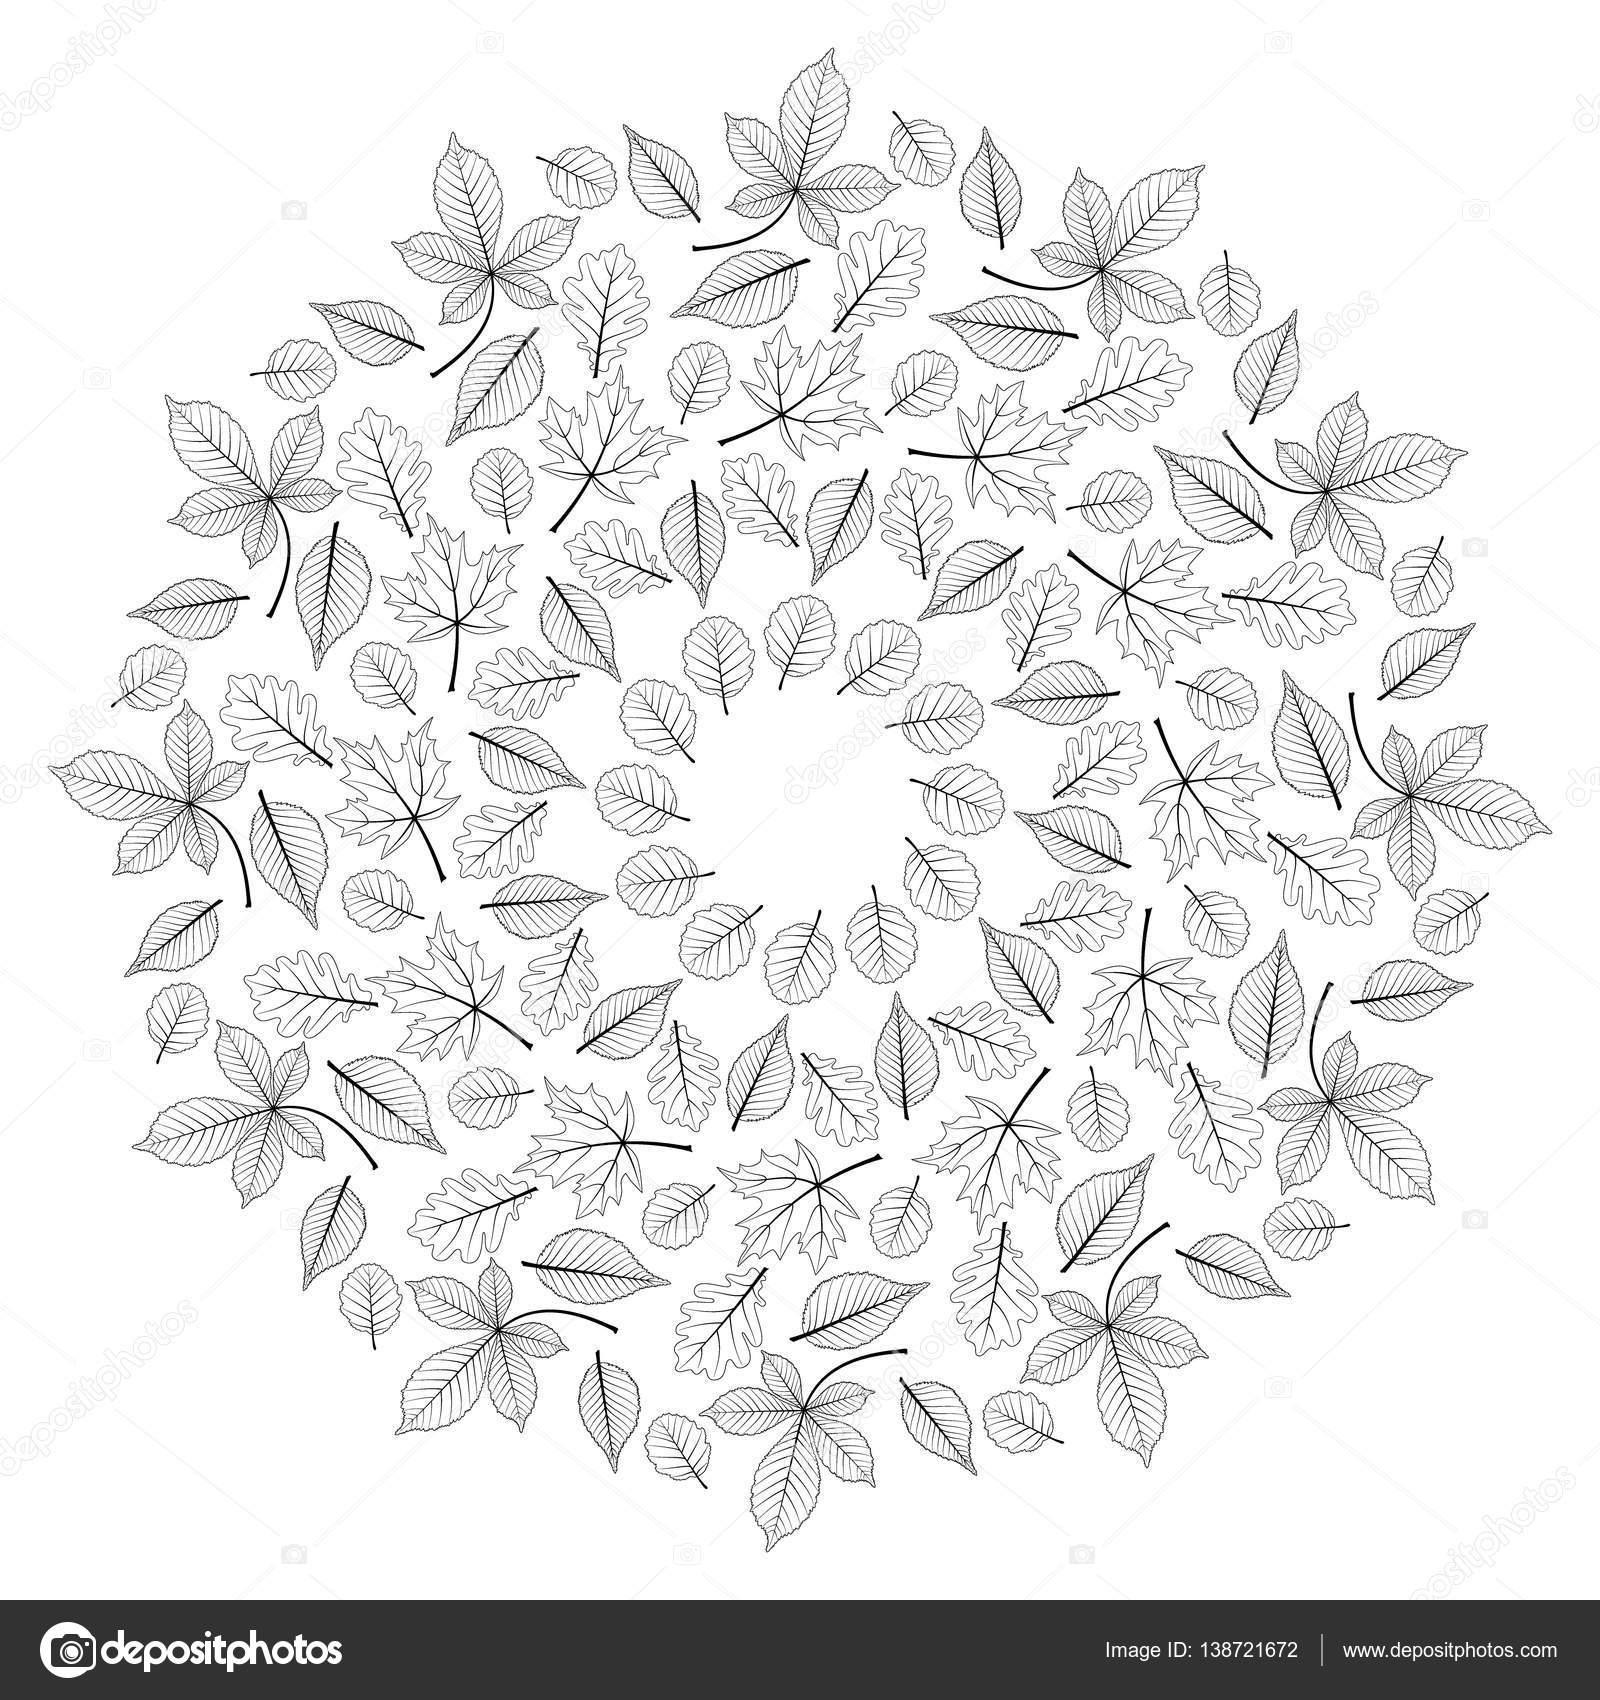 Kleurplaten Herfst Mandala.Vector Van De Zwarte En Witte Ronde Herfst Lommerrijke Mandala